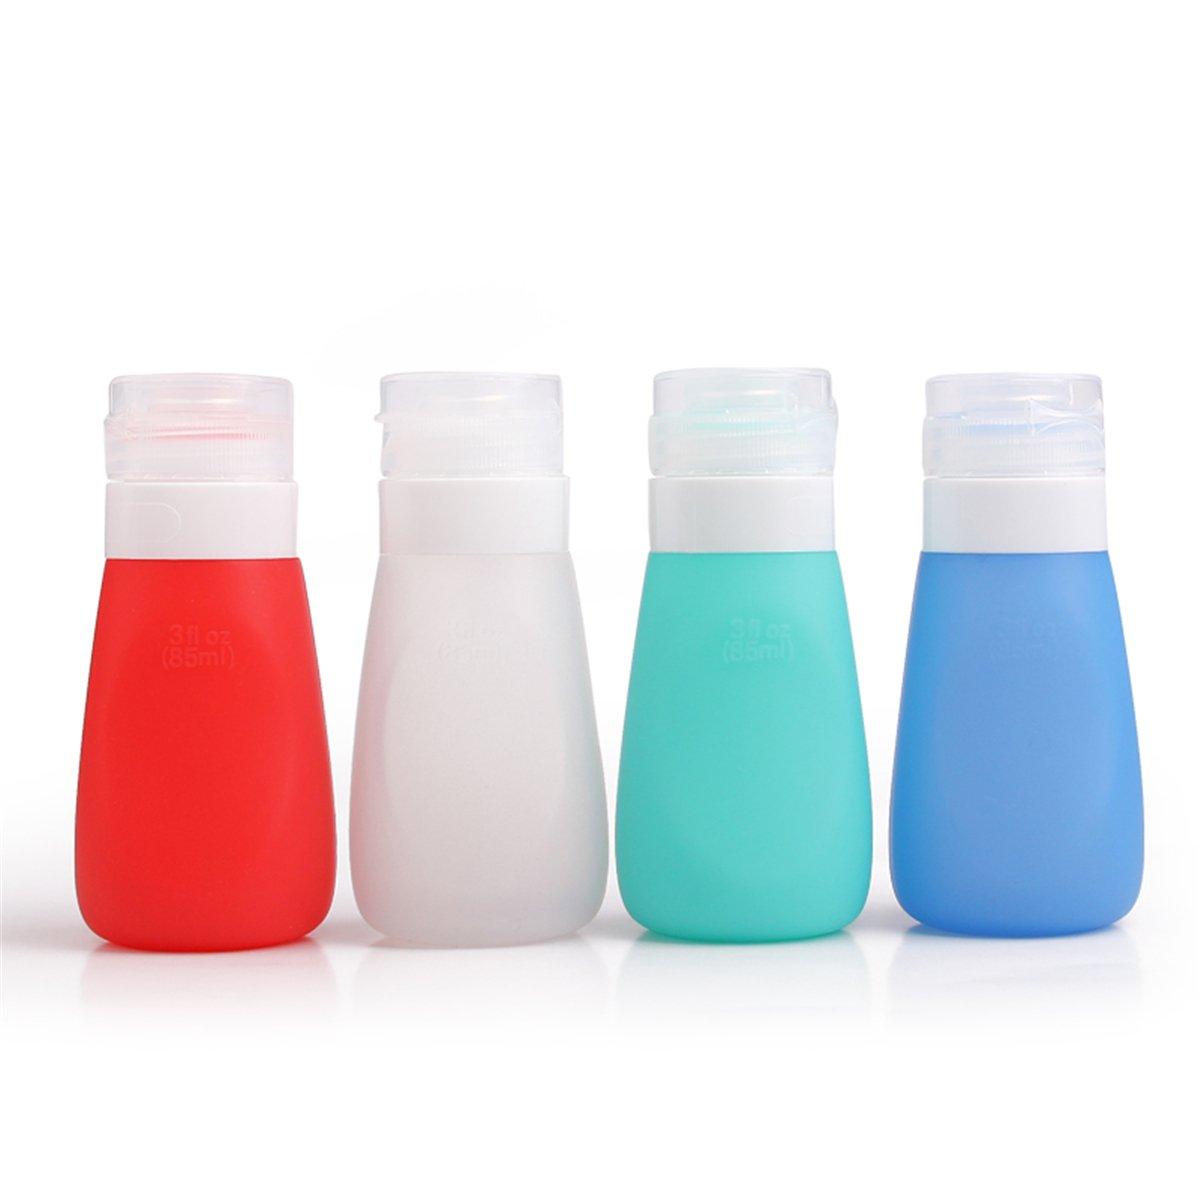 JasCherry Flacon en Silicone Bouteilles de Voyage - BPA sans Approuvé par la ligne aérienne TSA - Pour le shampooing, revitalisant, lotion etc - Set Kit de 4 Pièces (Couleur aléatoire, Capacité 86 ml)